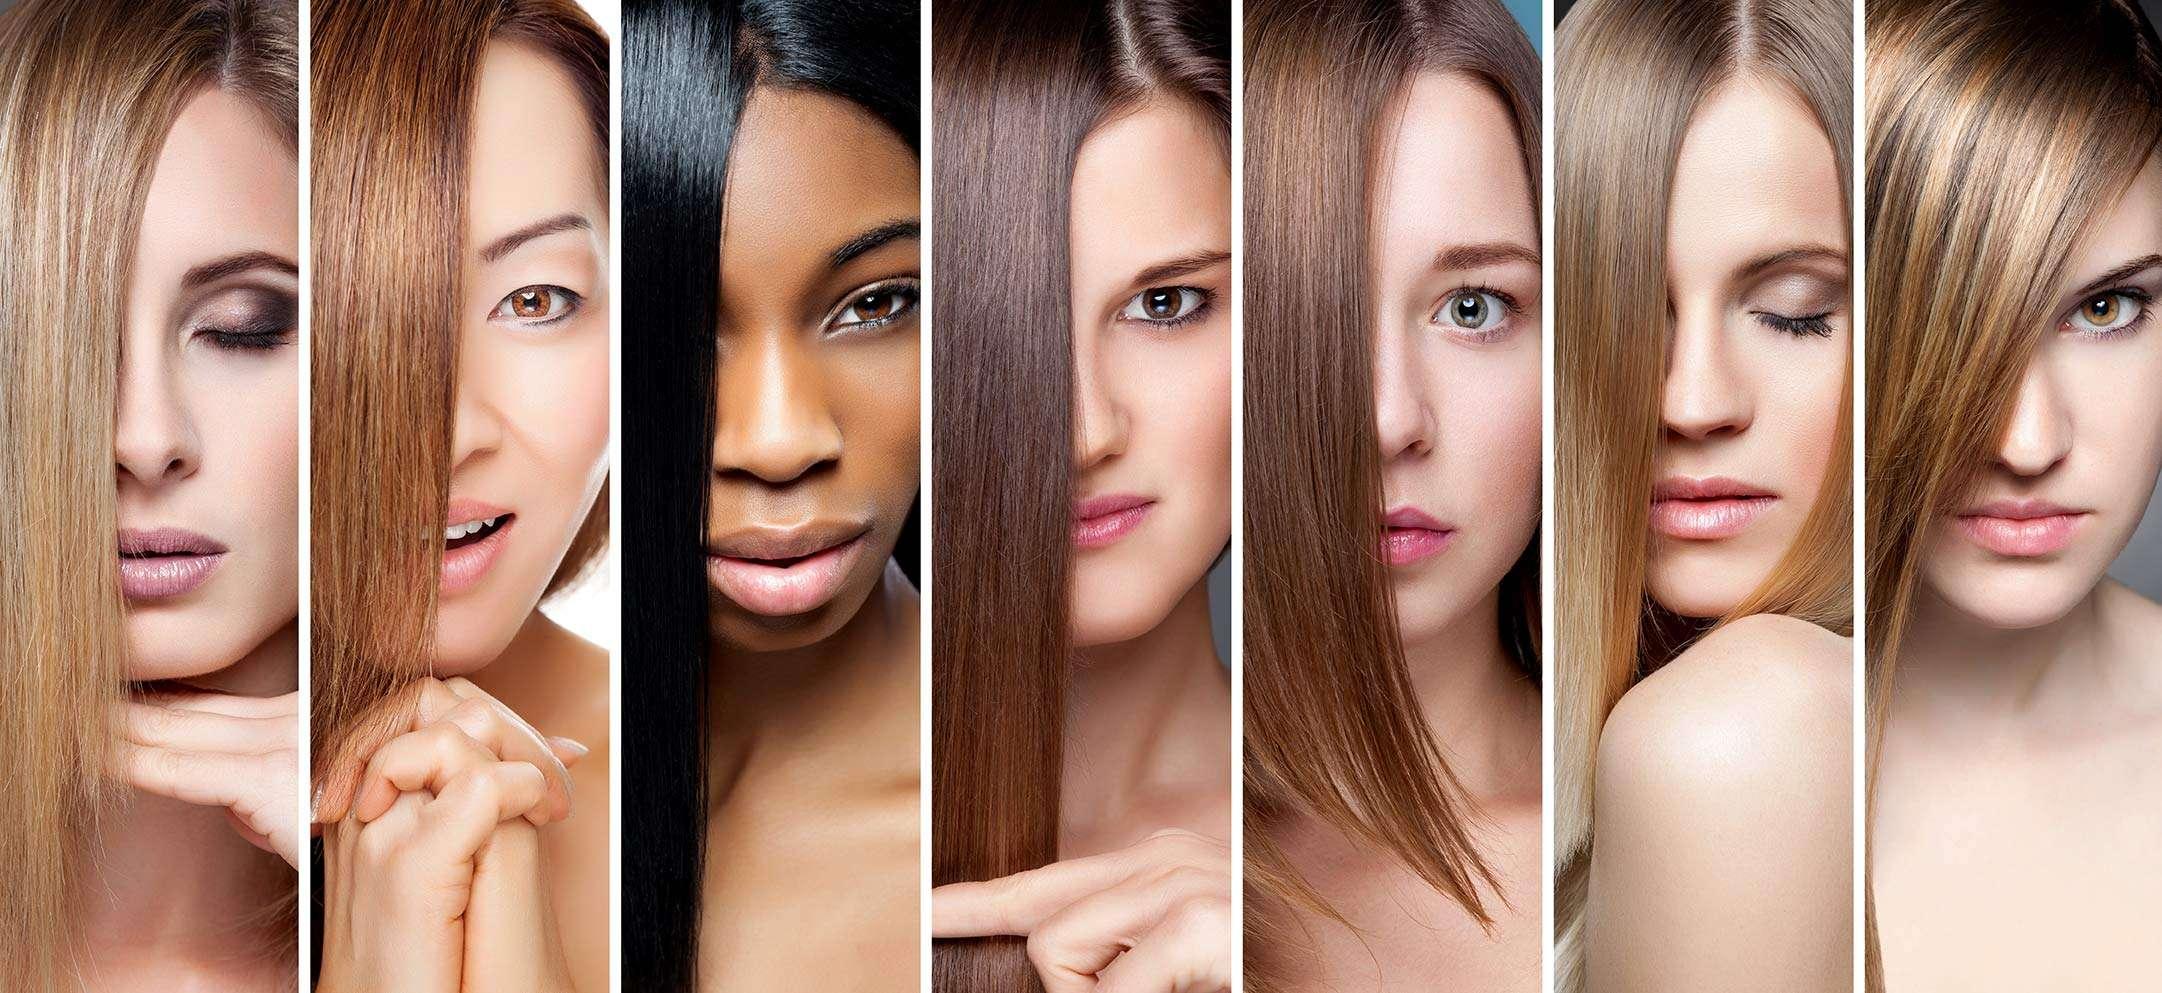 Maquillajes debes usar según tu tipo de piel